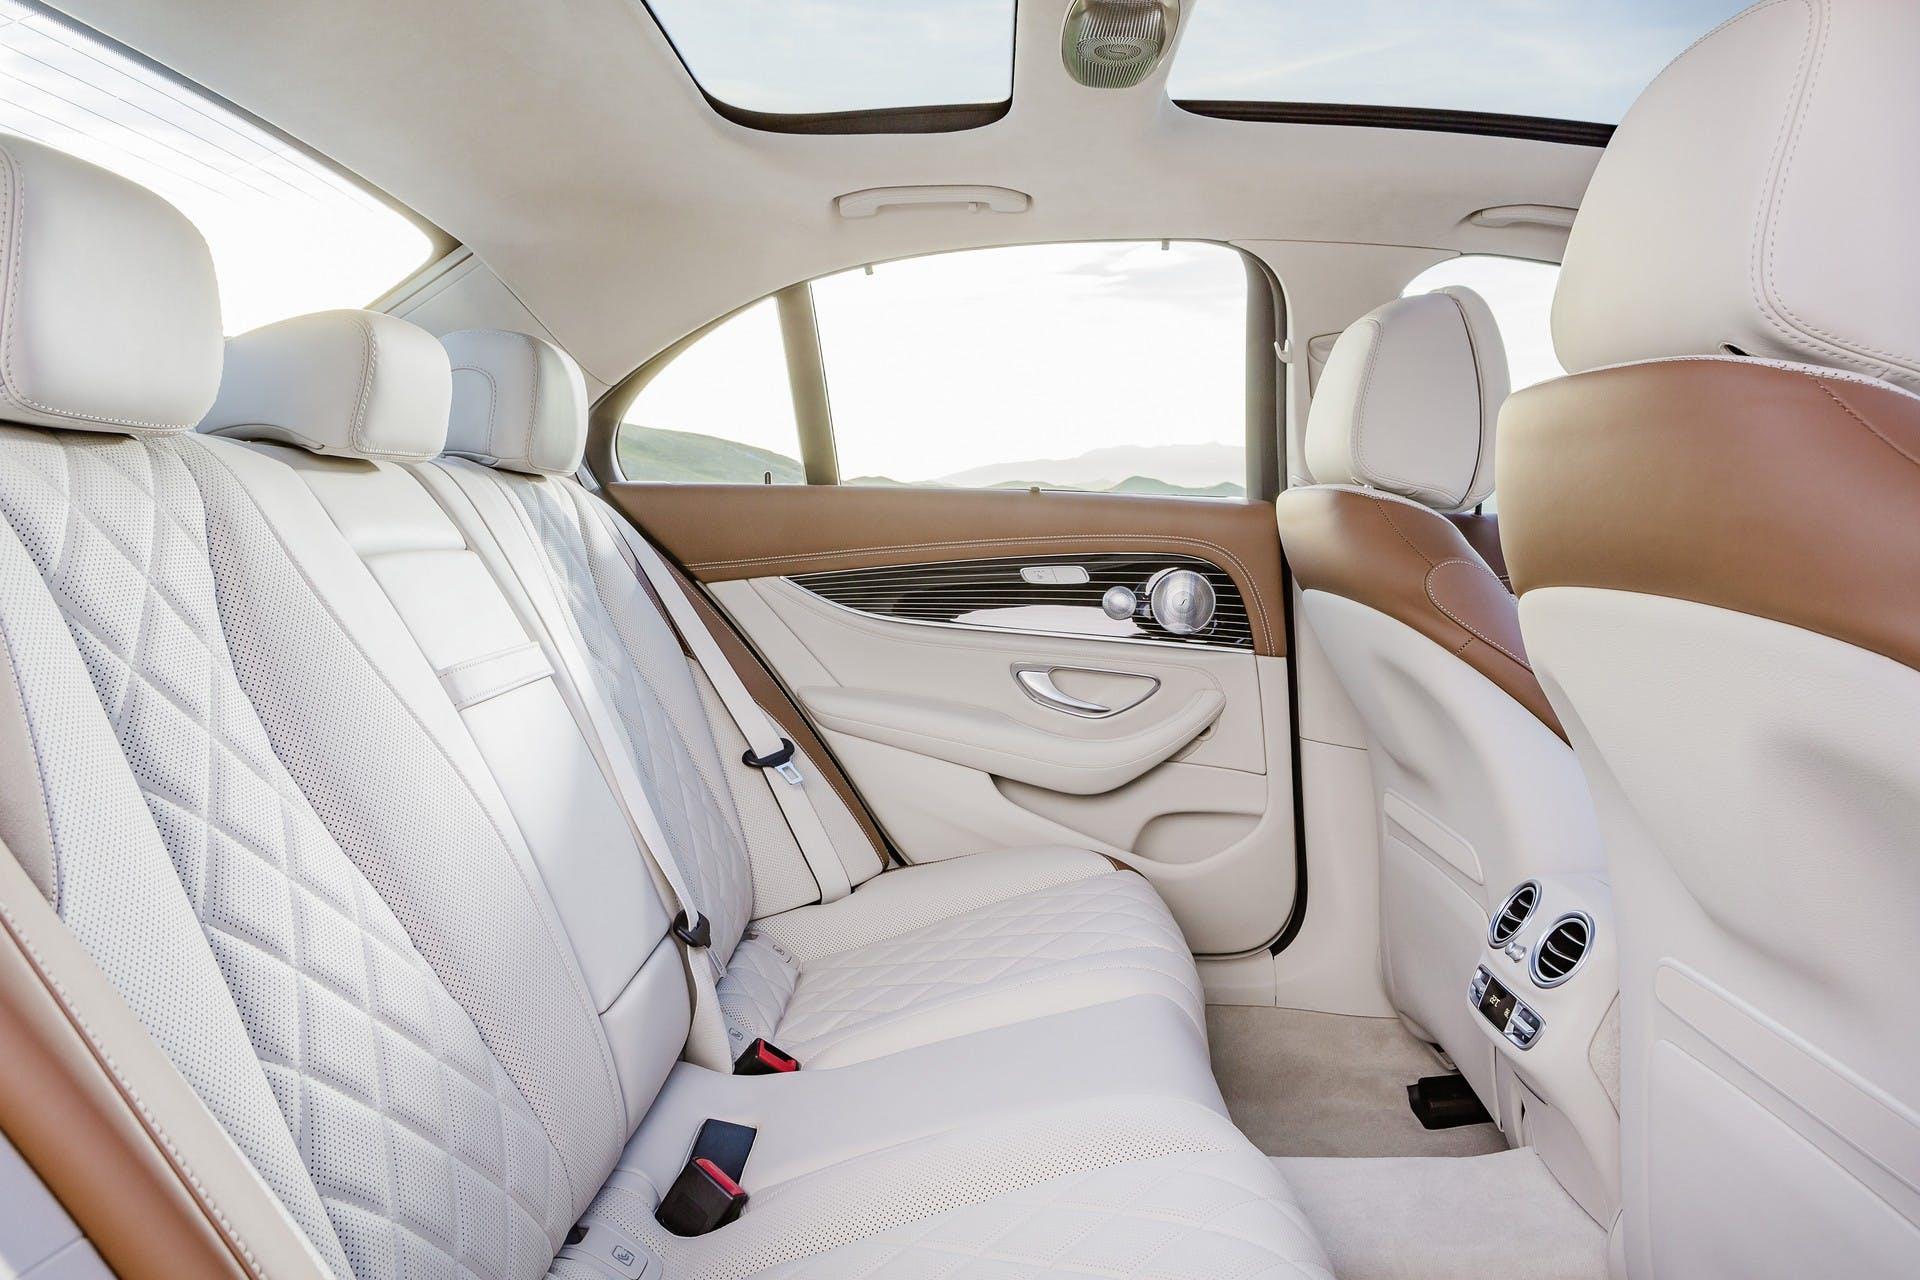 Mercedes-Benz Classe E interni